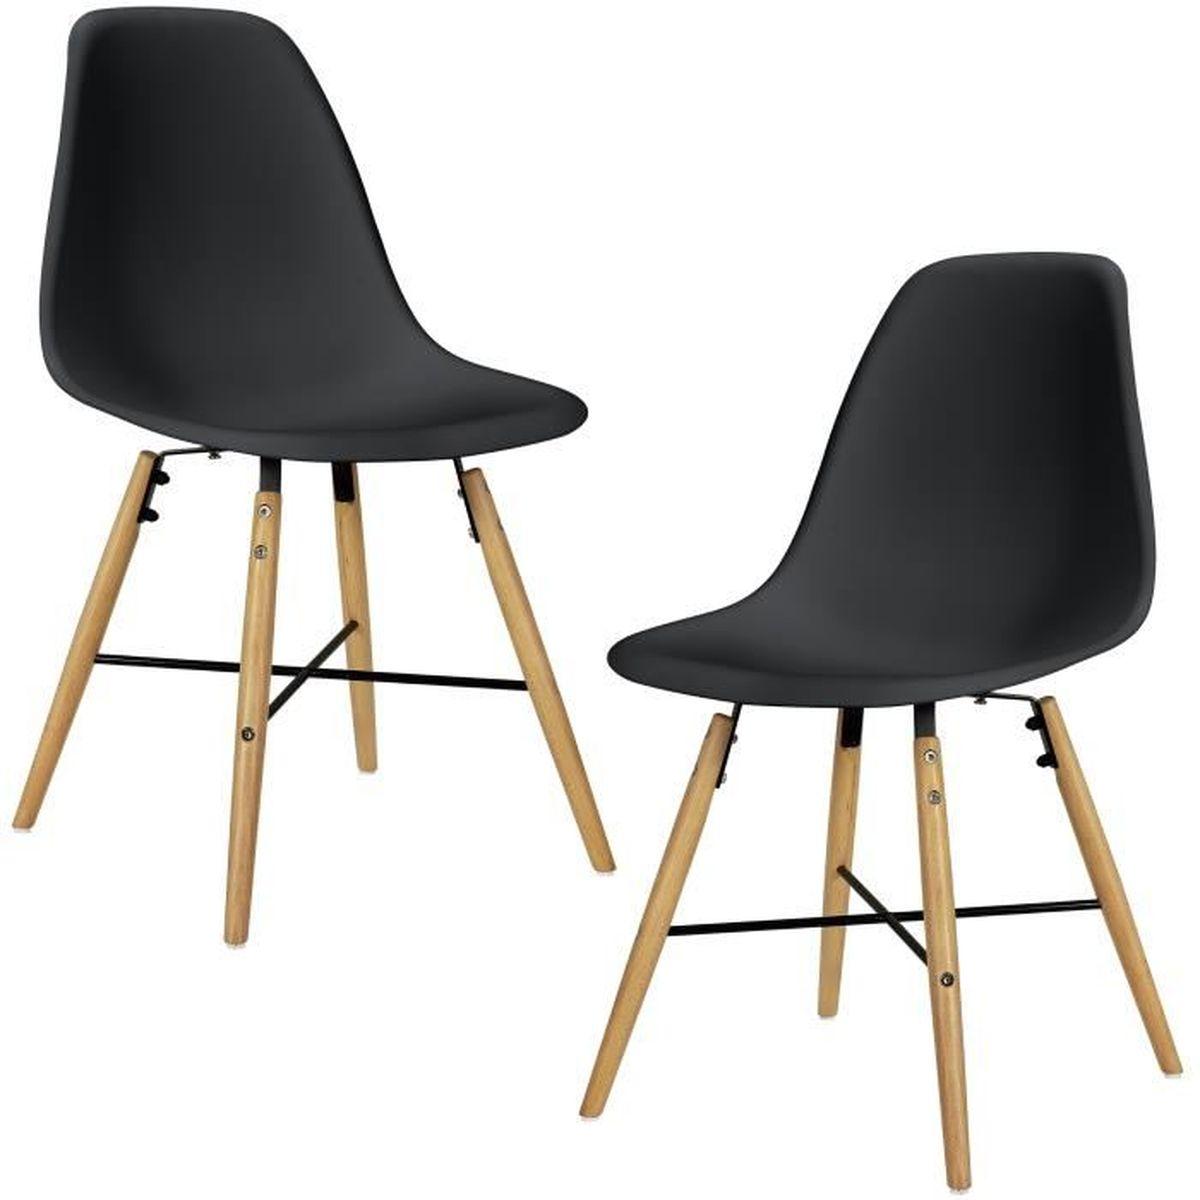 En Casa 2x Chaise De Design Noir Plastique Salle A Manger Cuisine